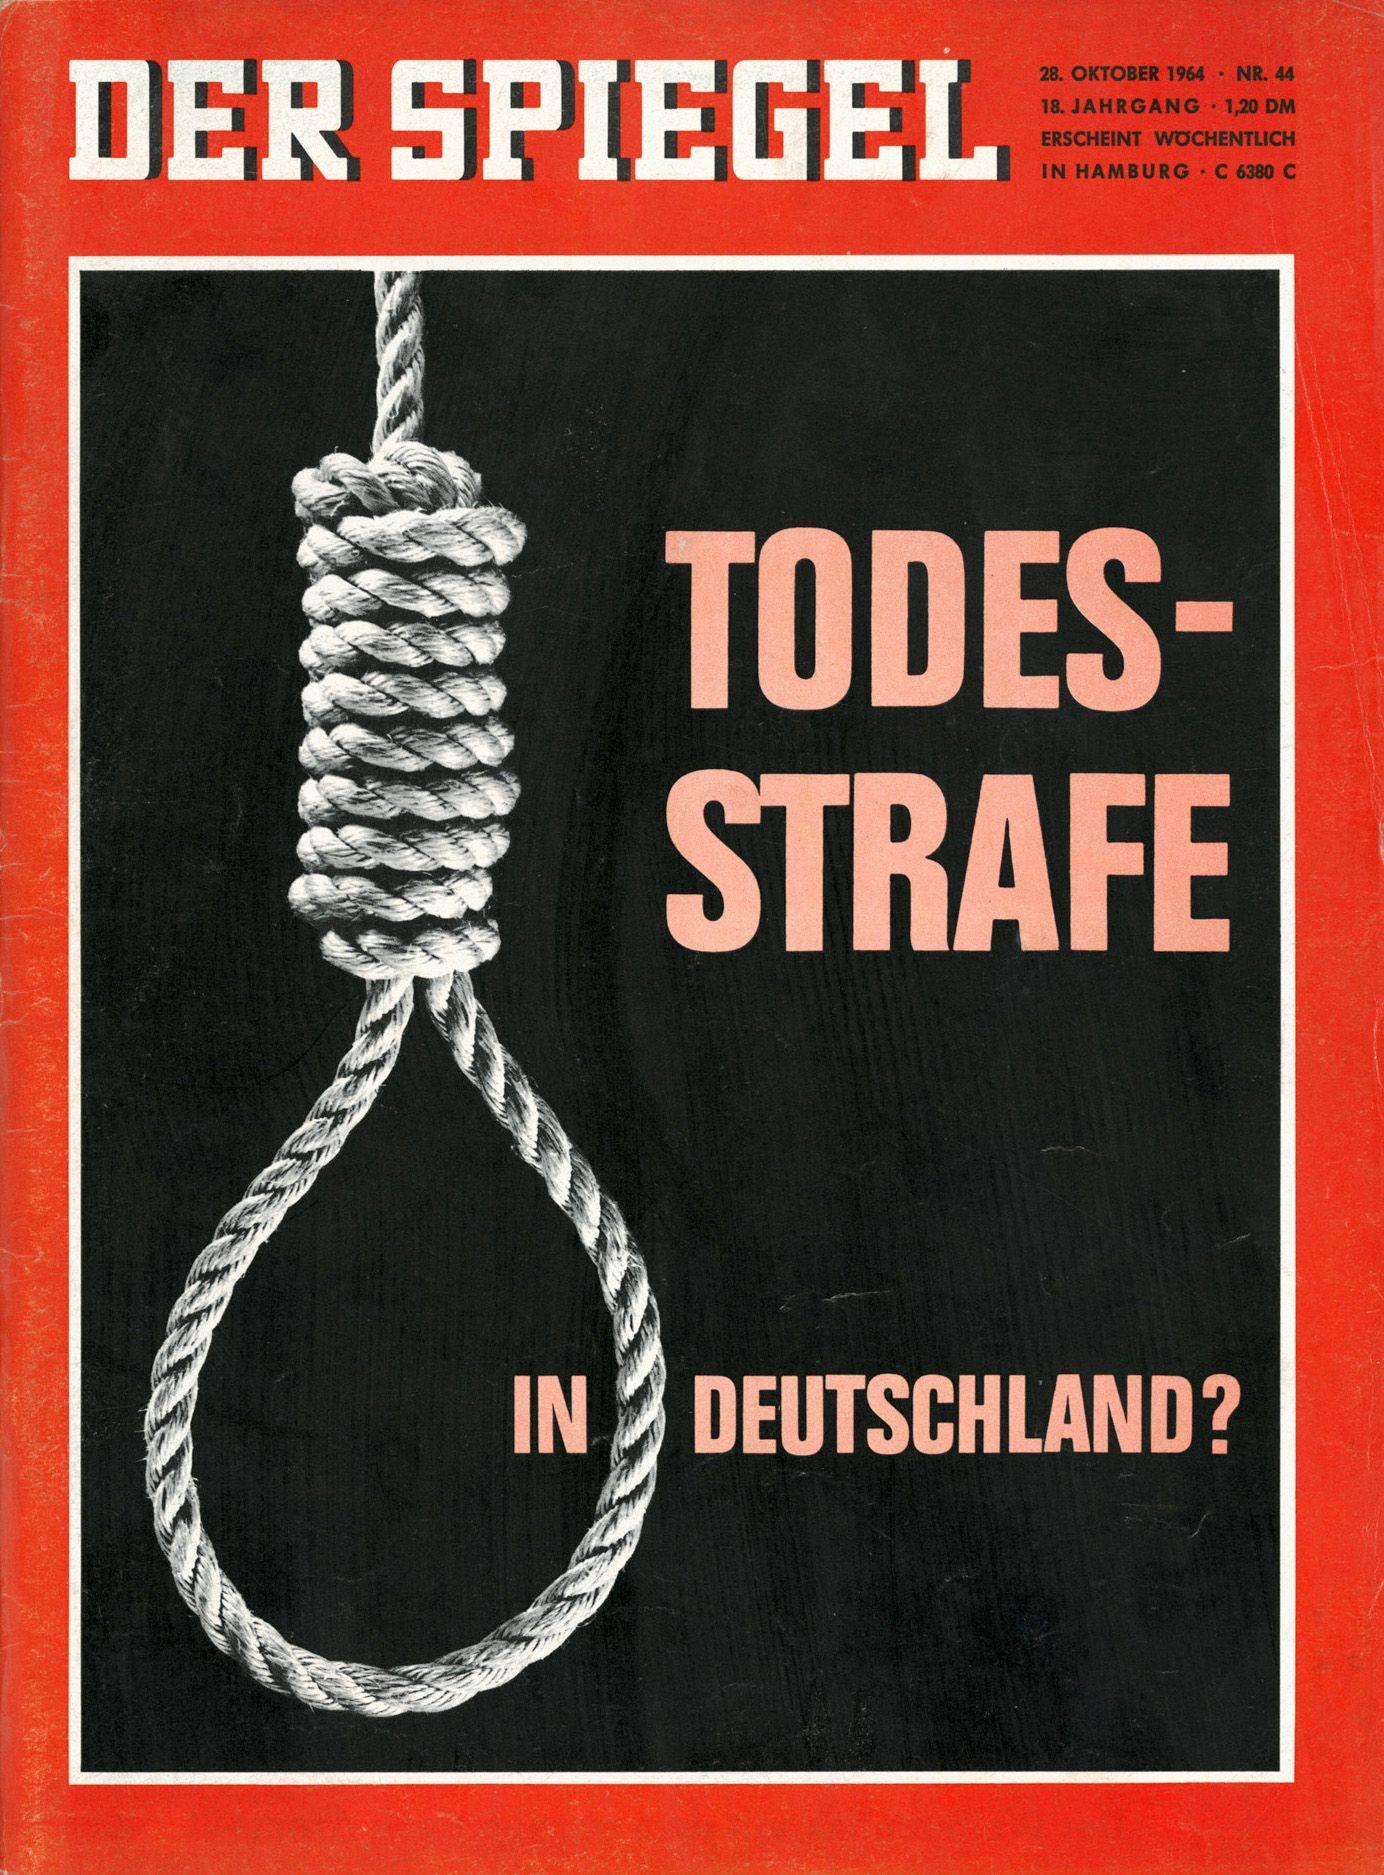 Todesstrafe Fur Richard Schuh Letzte Hinrichtung Durch Westdeutsche Justiz Der Spiegel